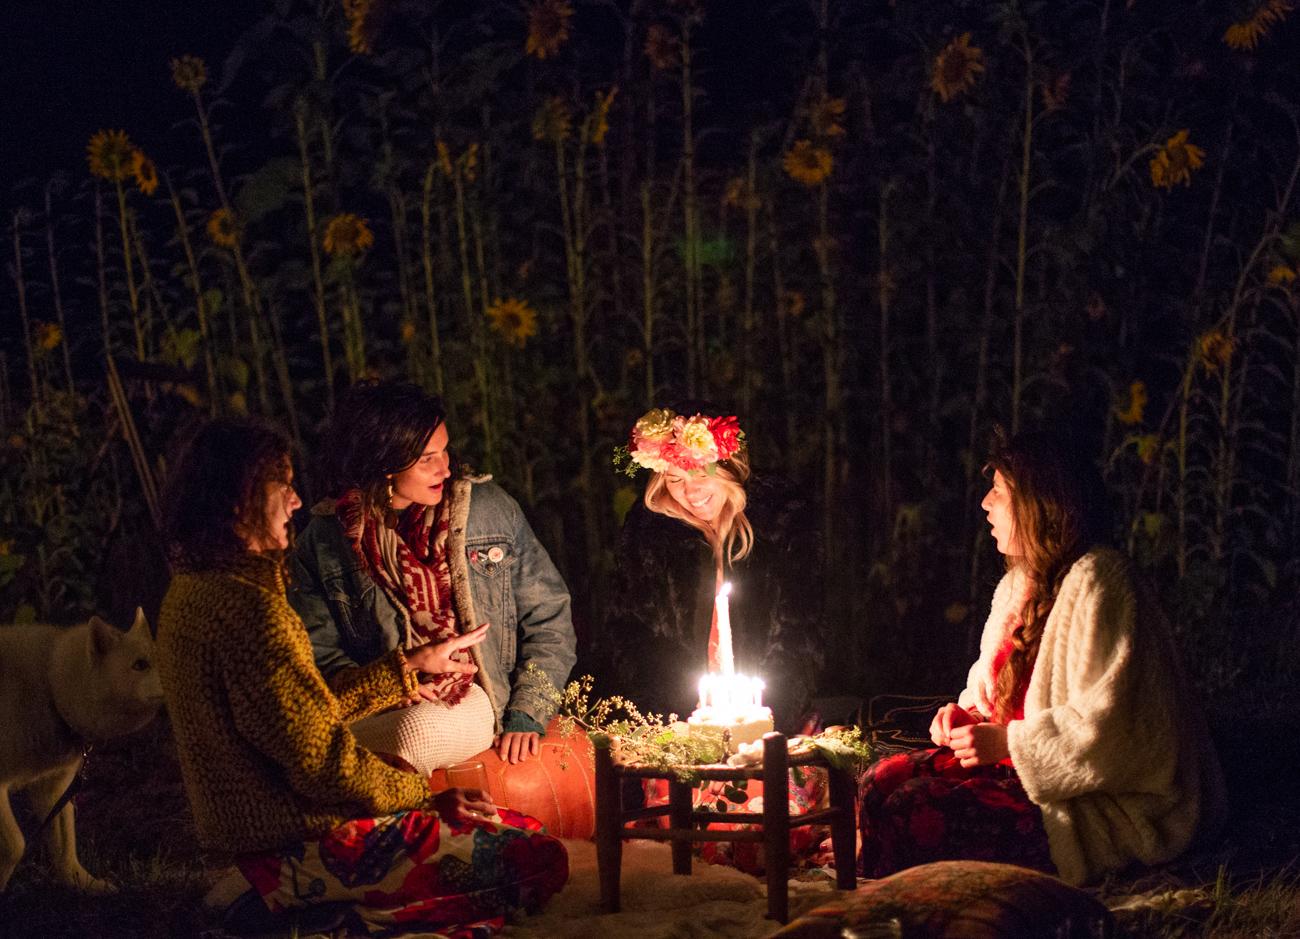 Backyard Flower Power Birthday_Olivia Ashton Photography-1-3.jpg